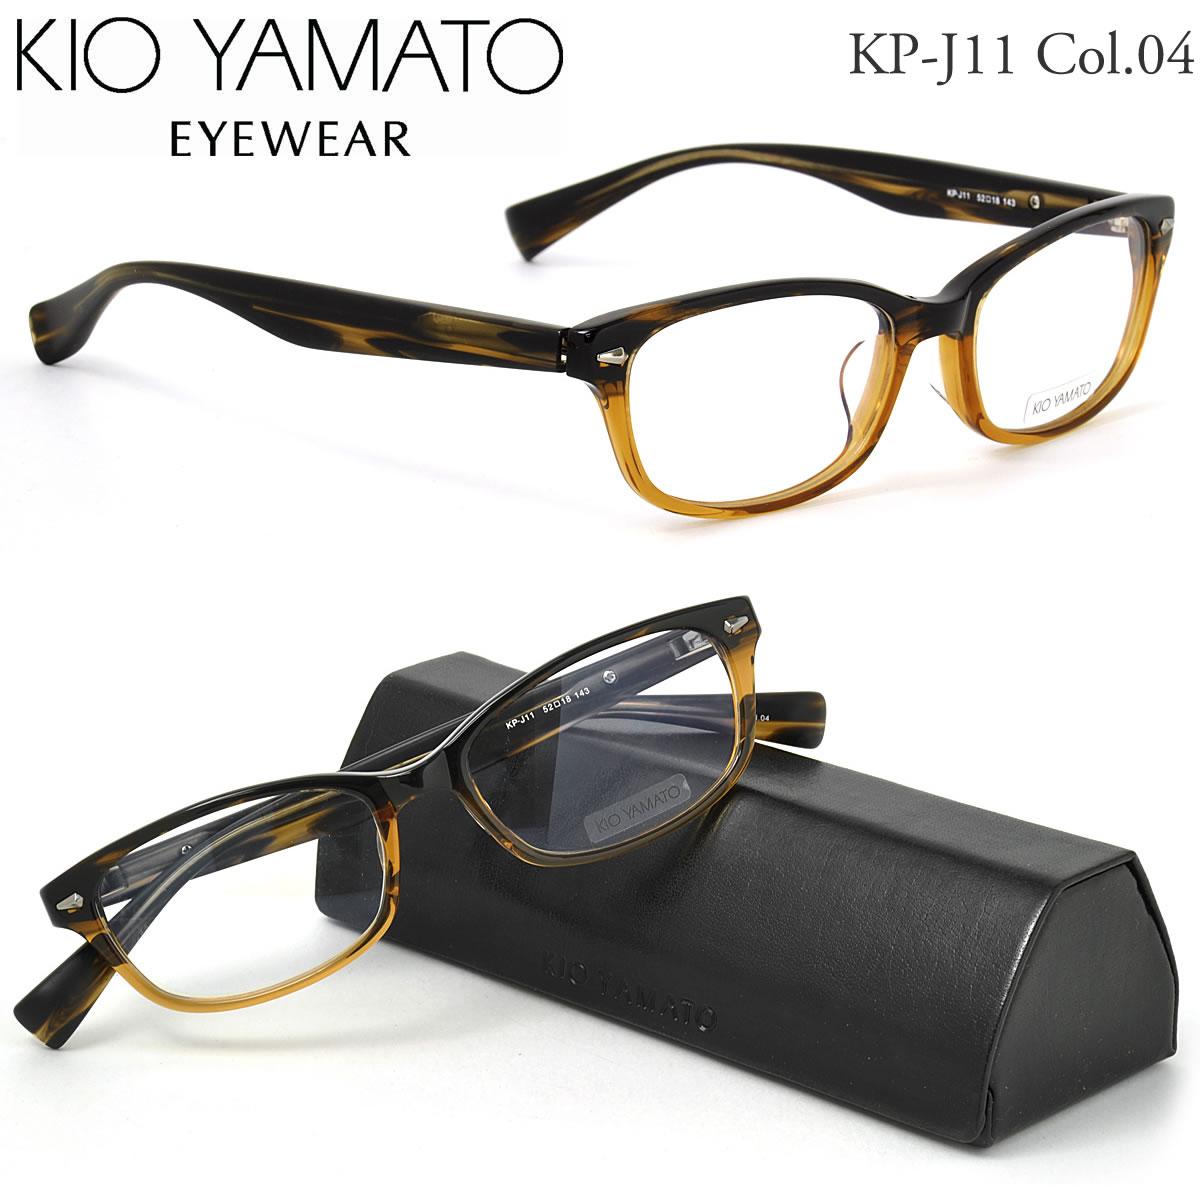 ほぼ全品ポイント15倍~最大34倍+2倍! 【KIO YAMATO メガネ】キオヤマト メガネフレーム KP-J11 04